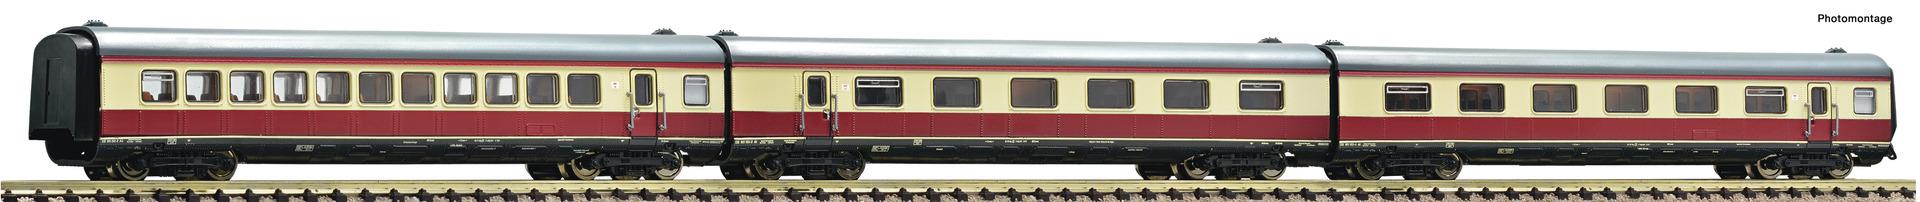 VO Fleischmann 741006 Spur N Ergänzungsset BR 601